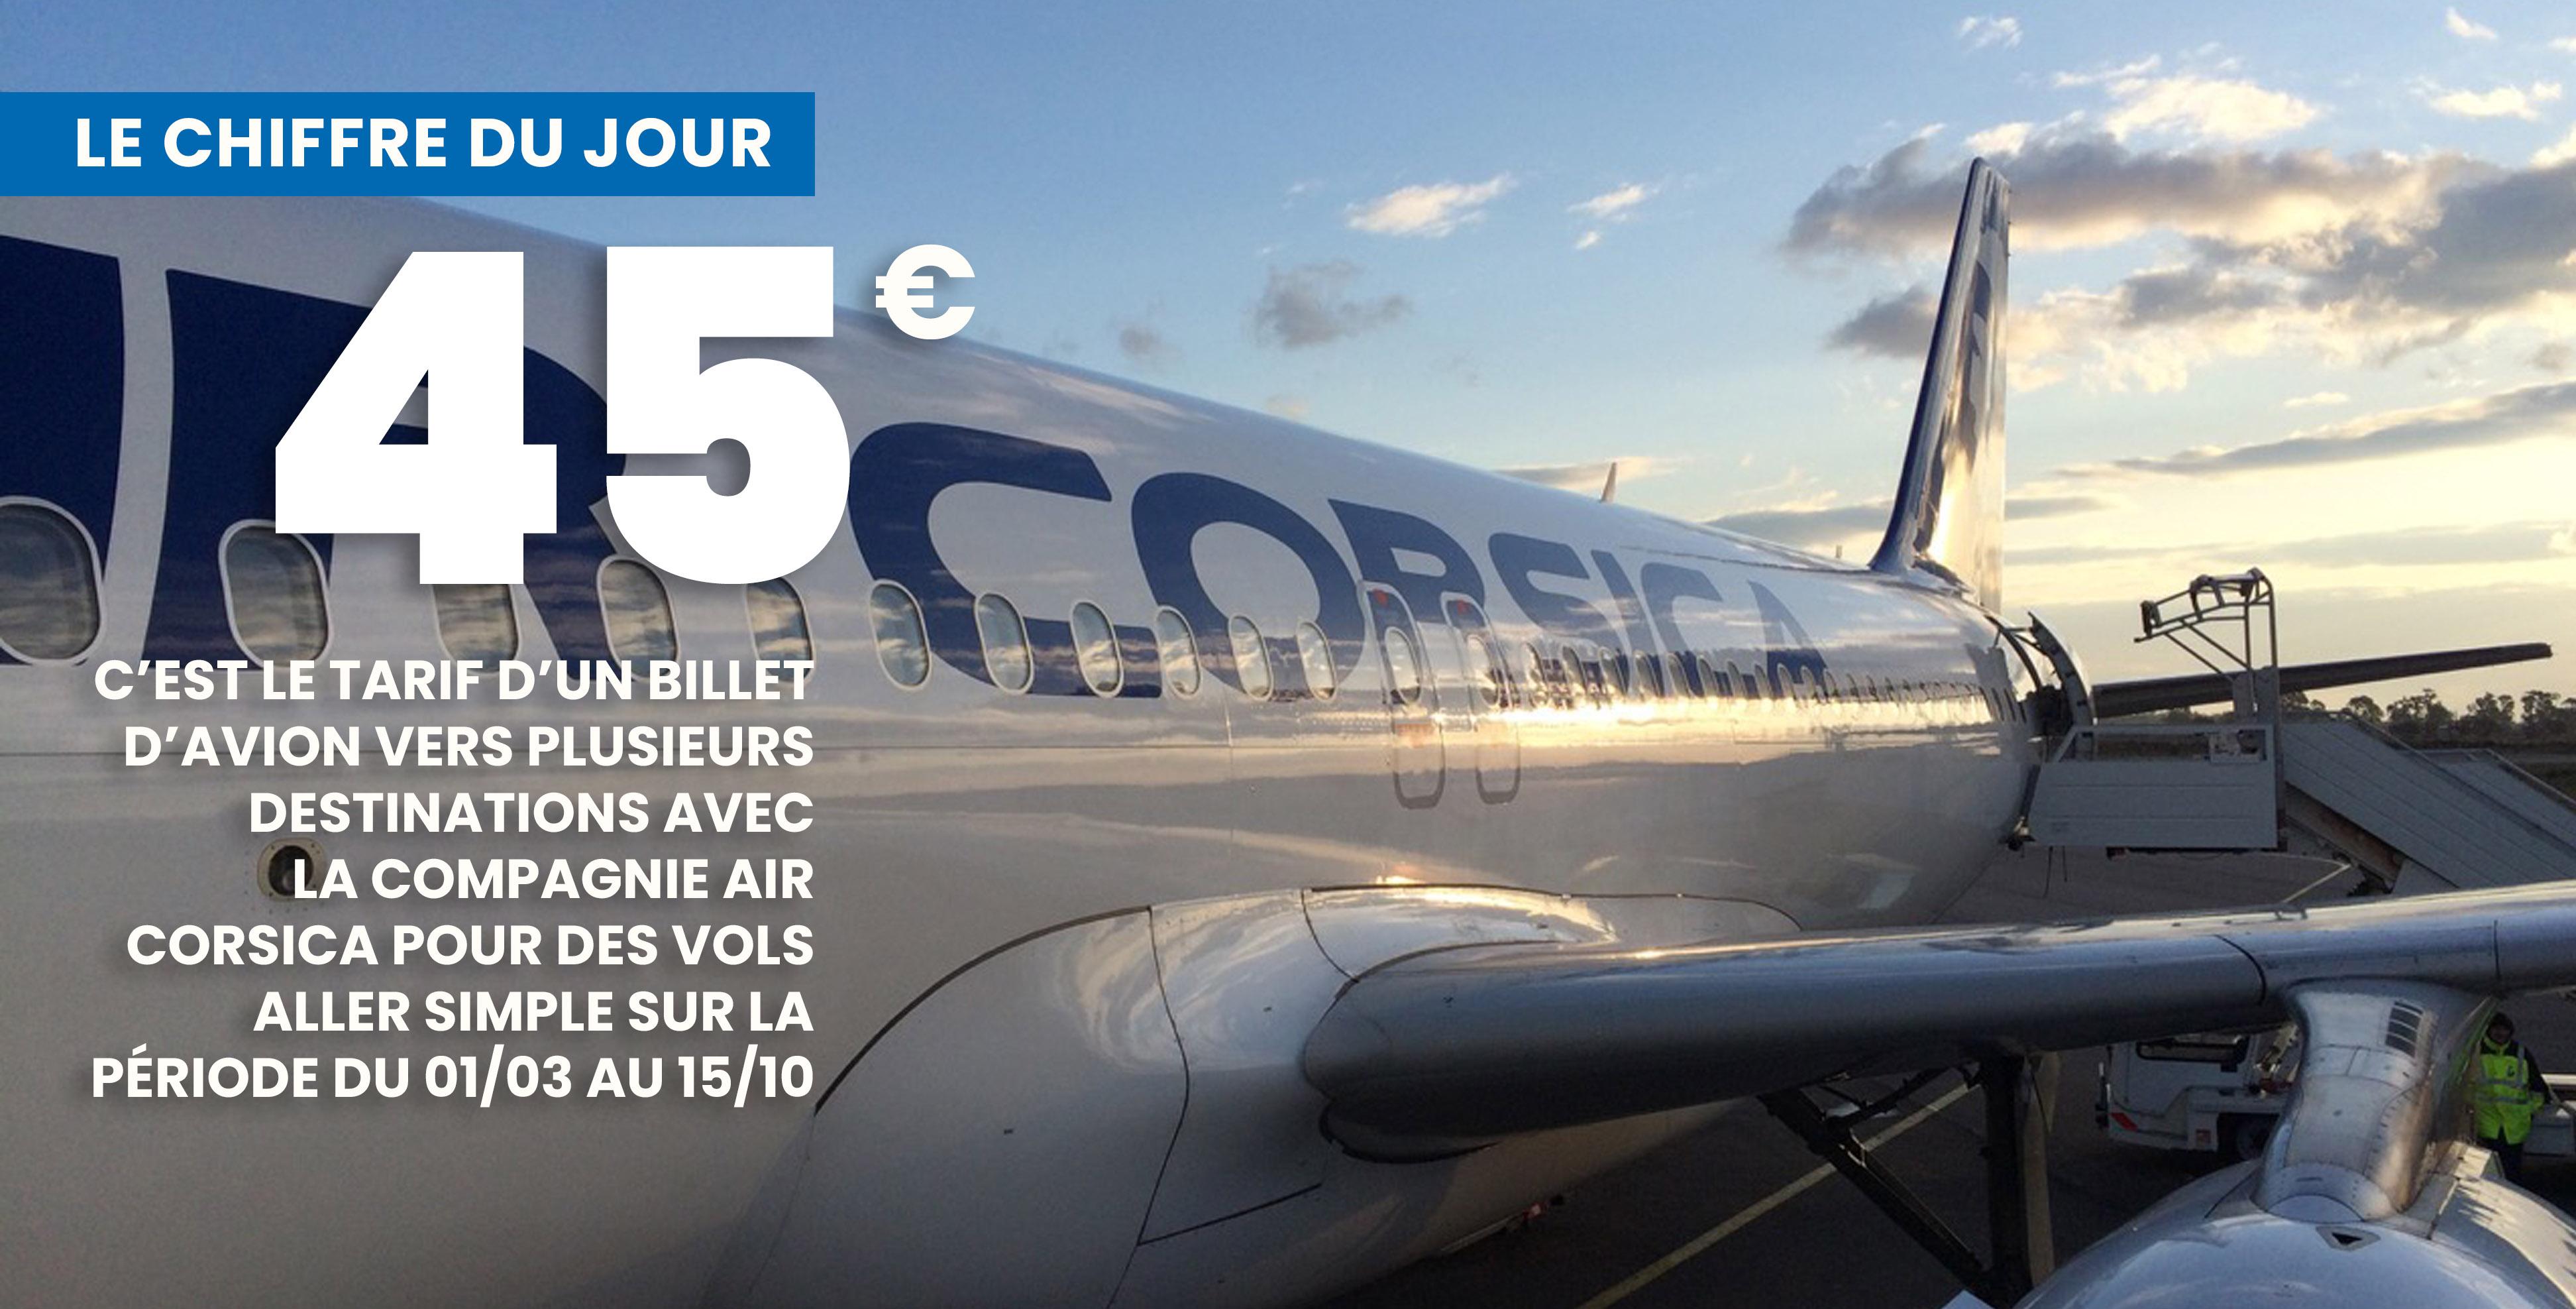 Des billets d'avion à 45 €, une offre commerciale d'Air Corsica